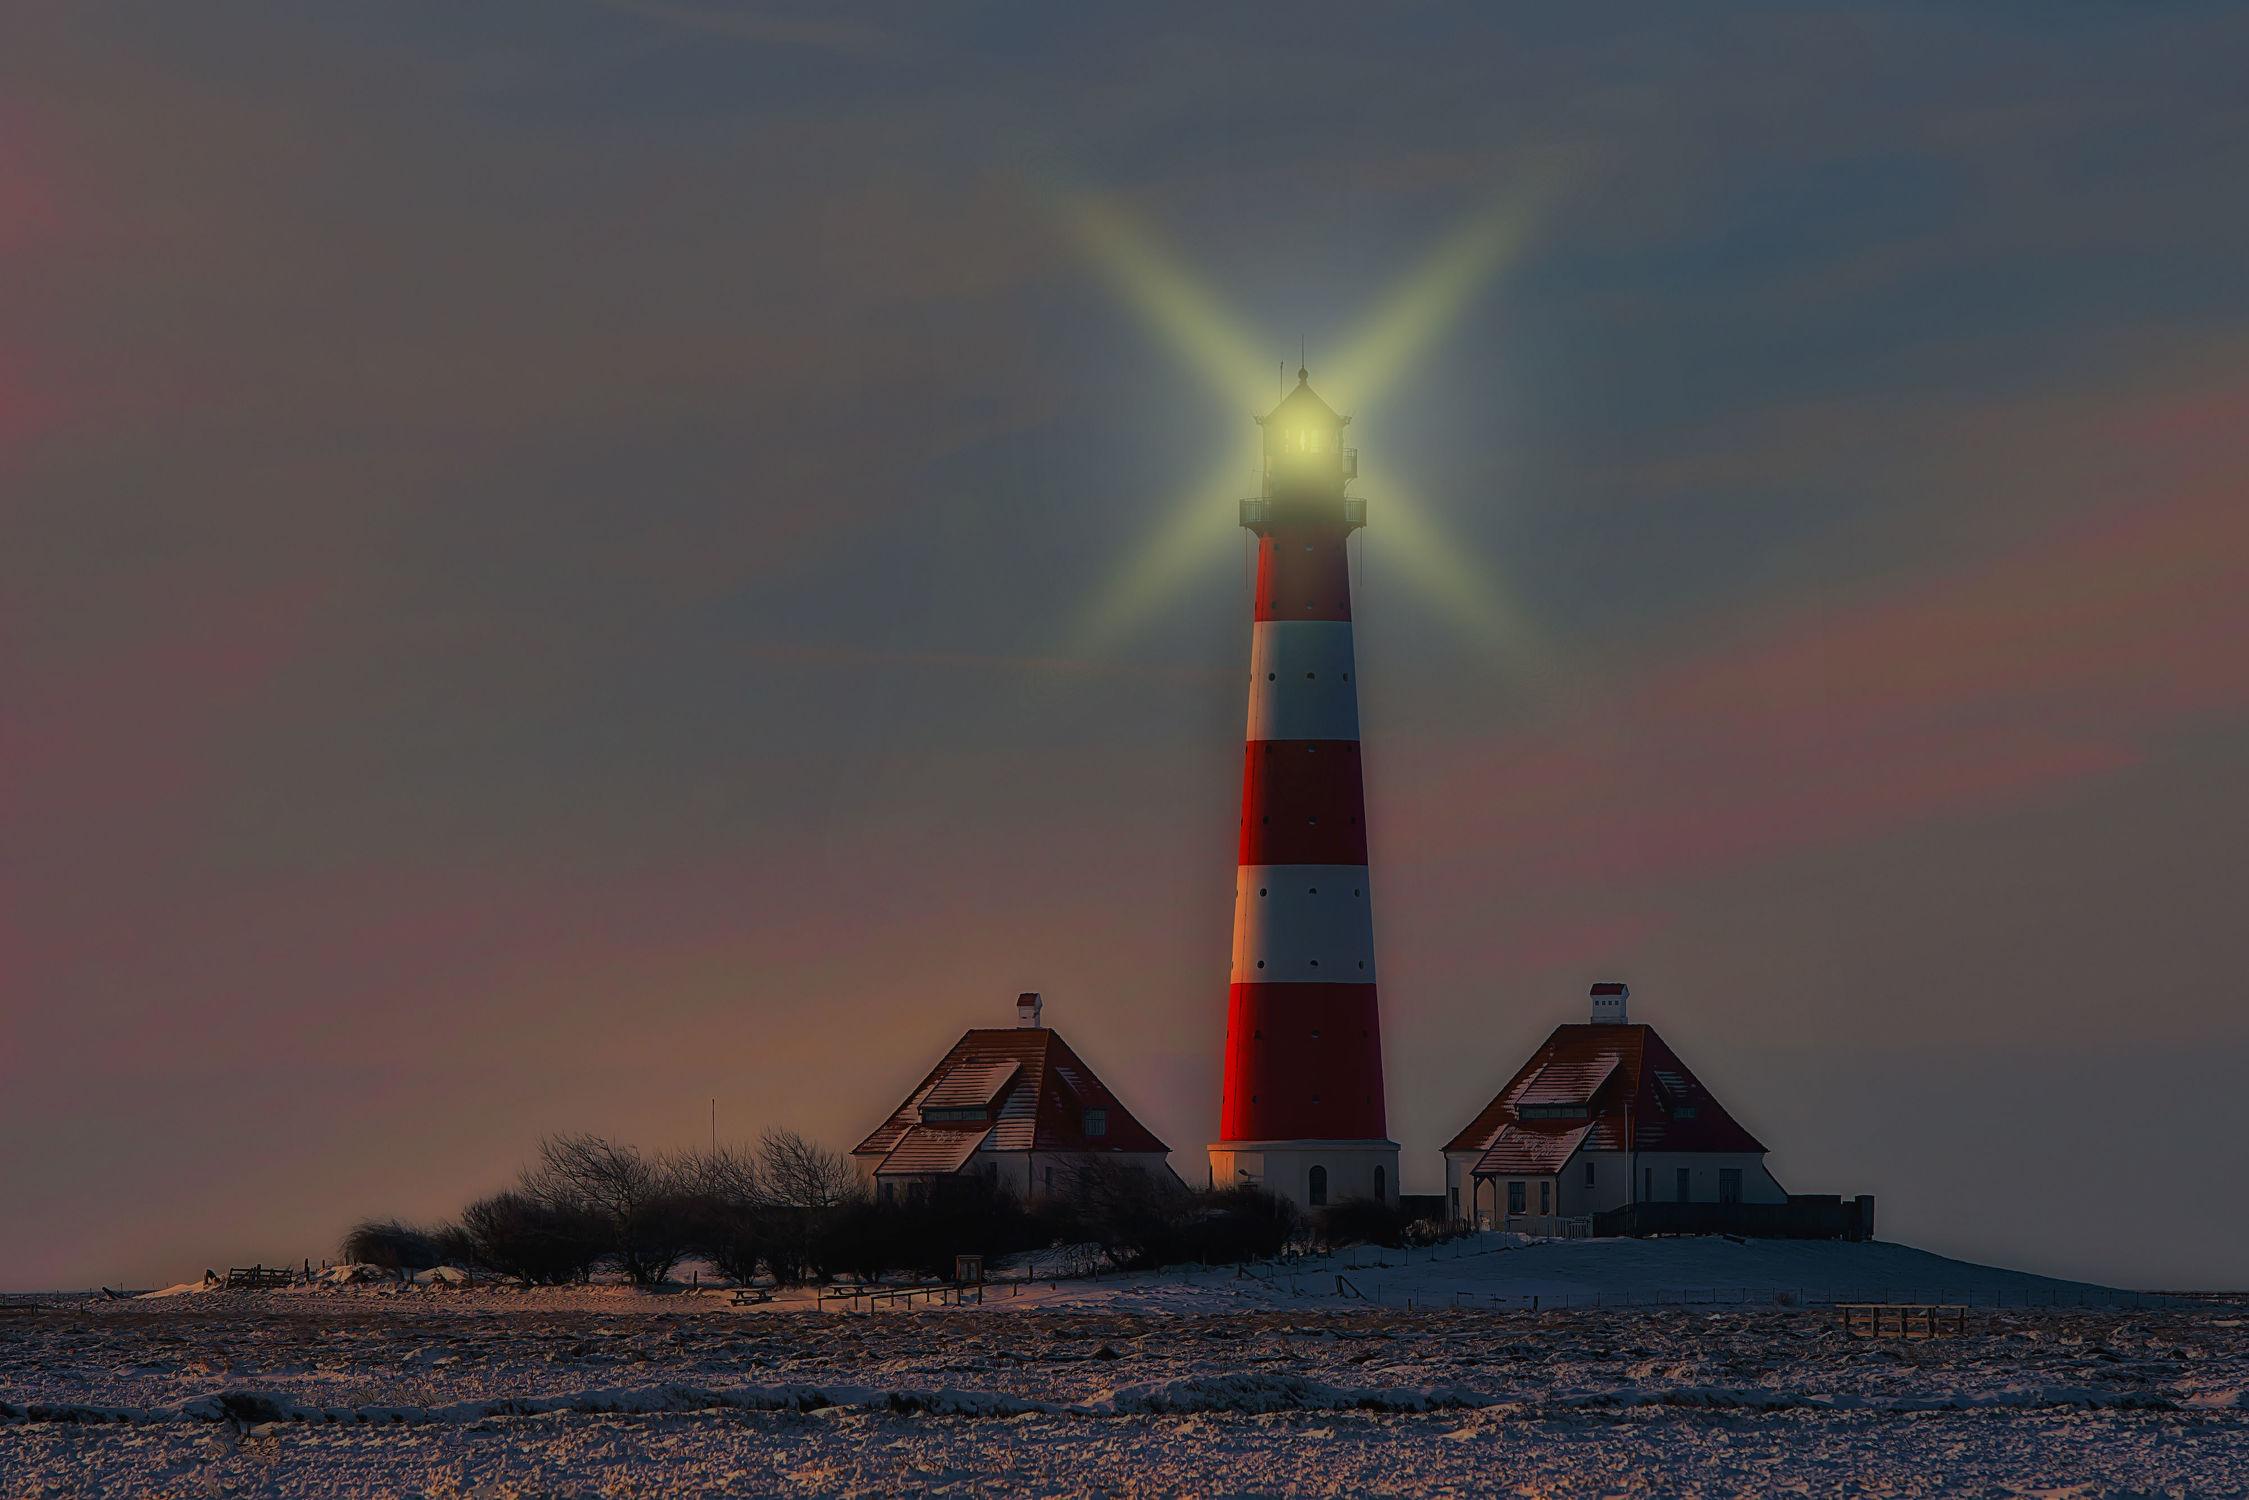 Bild mit Landschaften, Winter, Leuchttürme, Landschaft, Licht, winterlandschaft, Leuchtturm